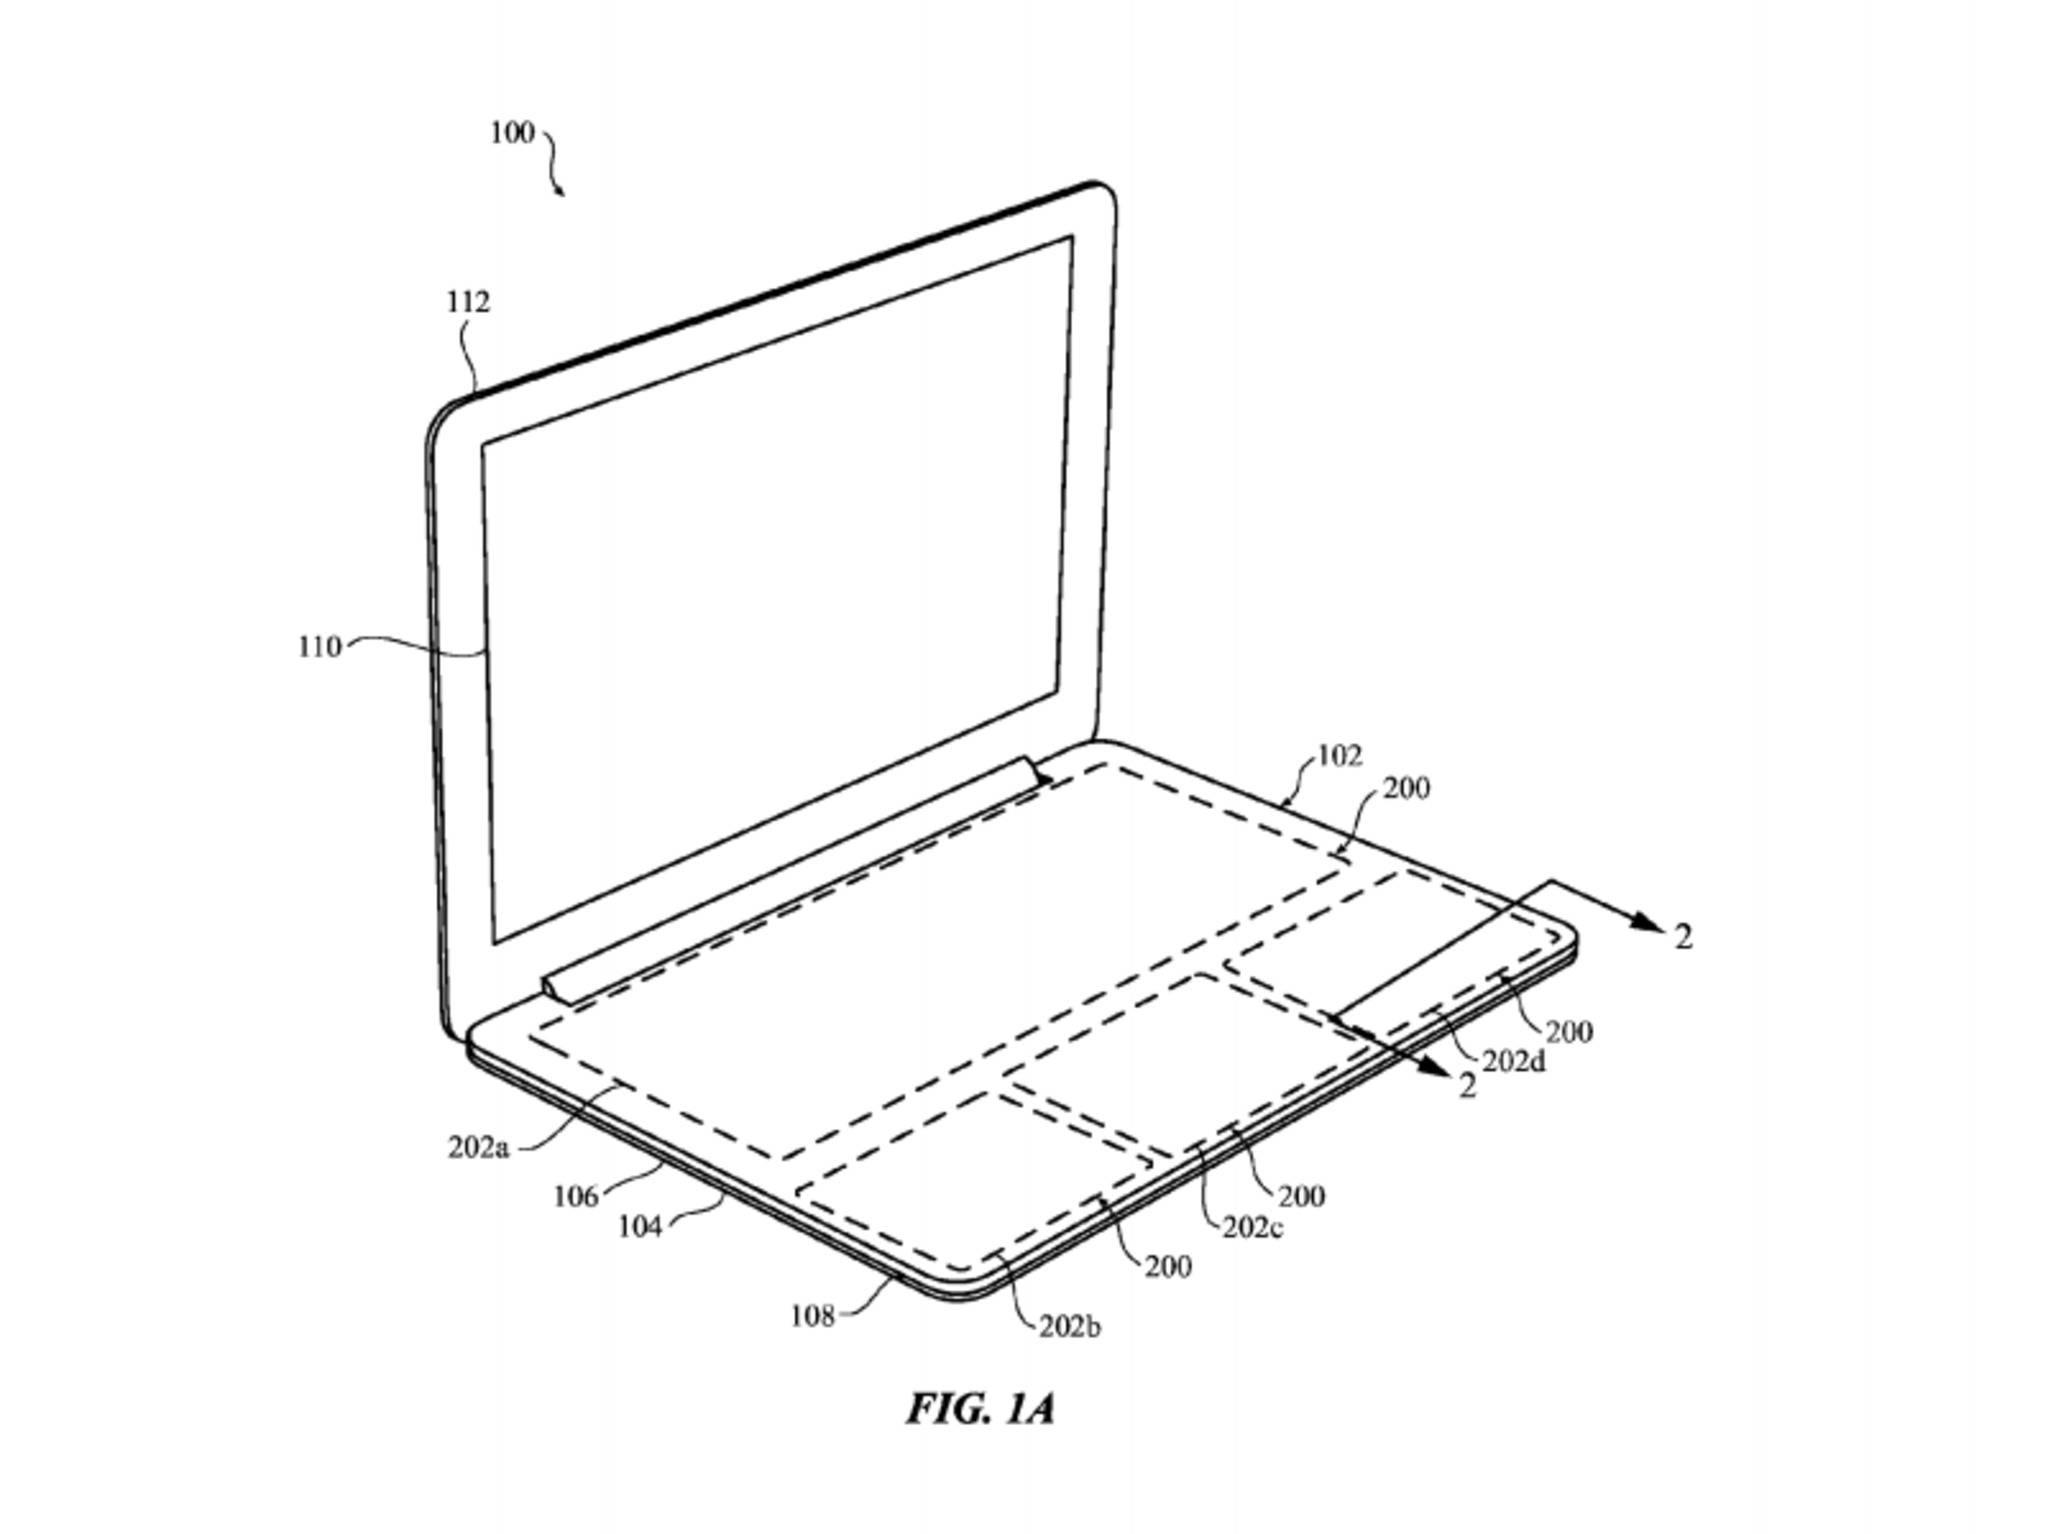 So könnte eine virtuelle Tastatur für MacBooks aussehen.